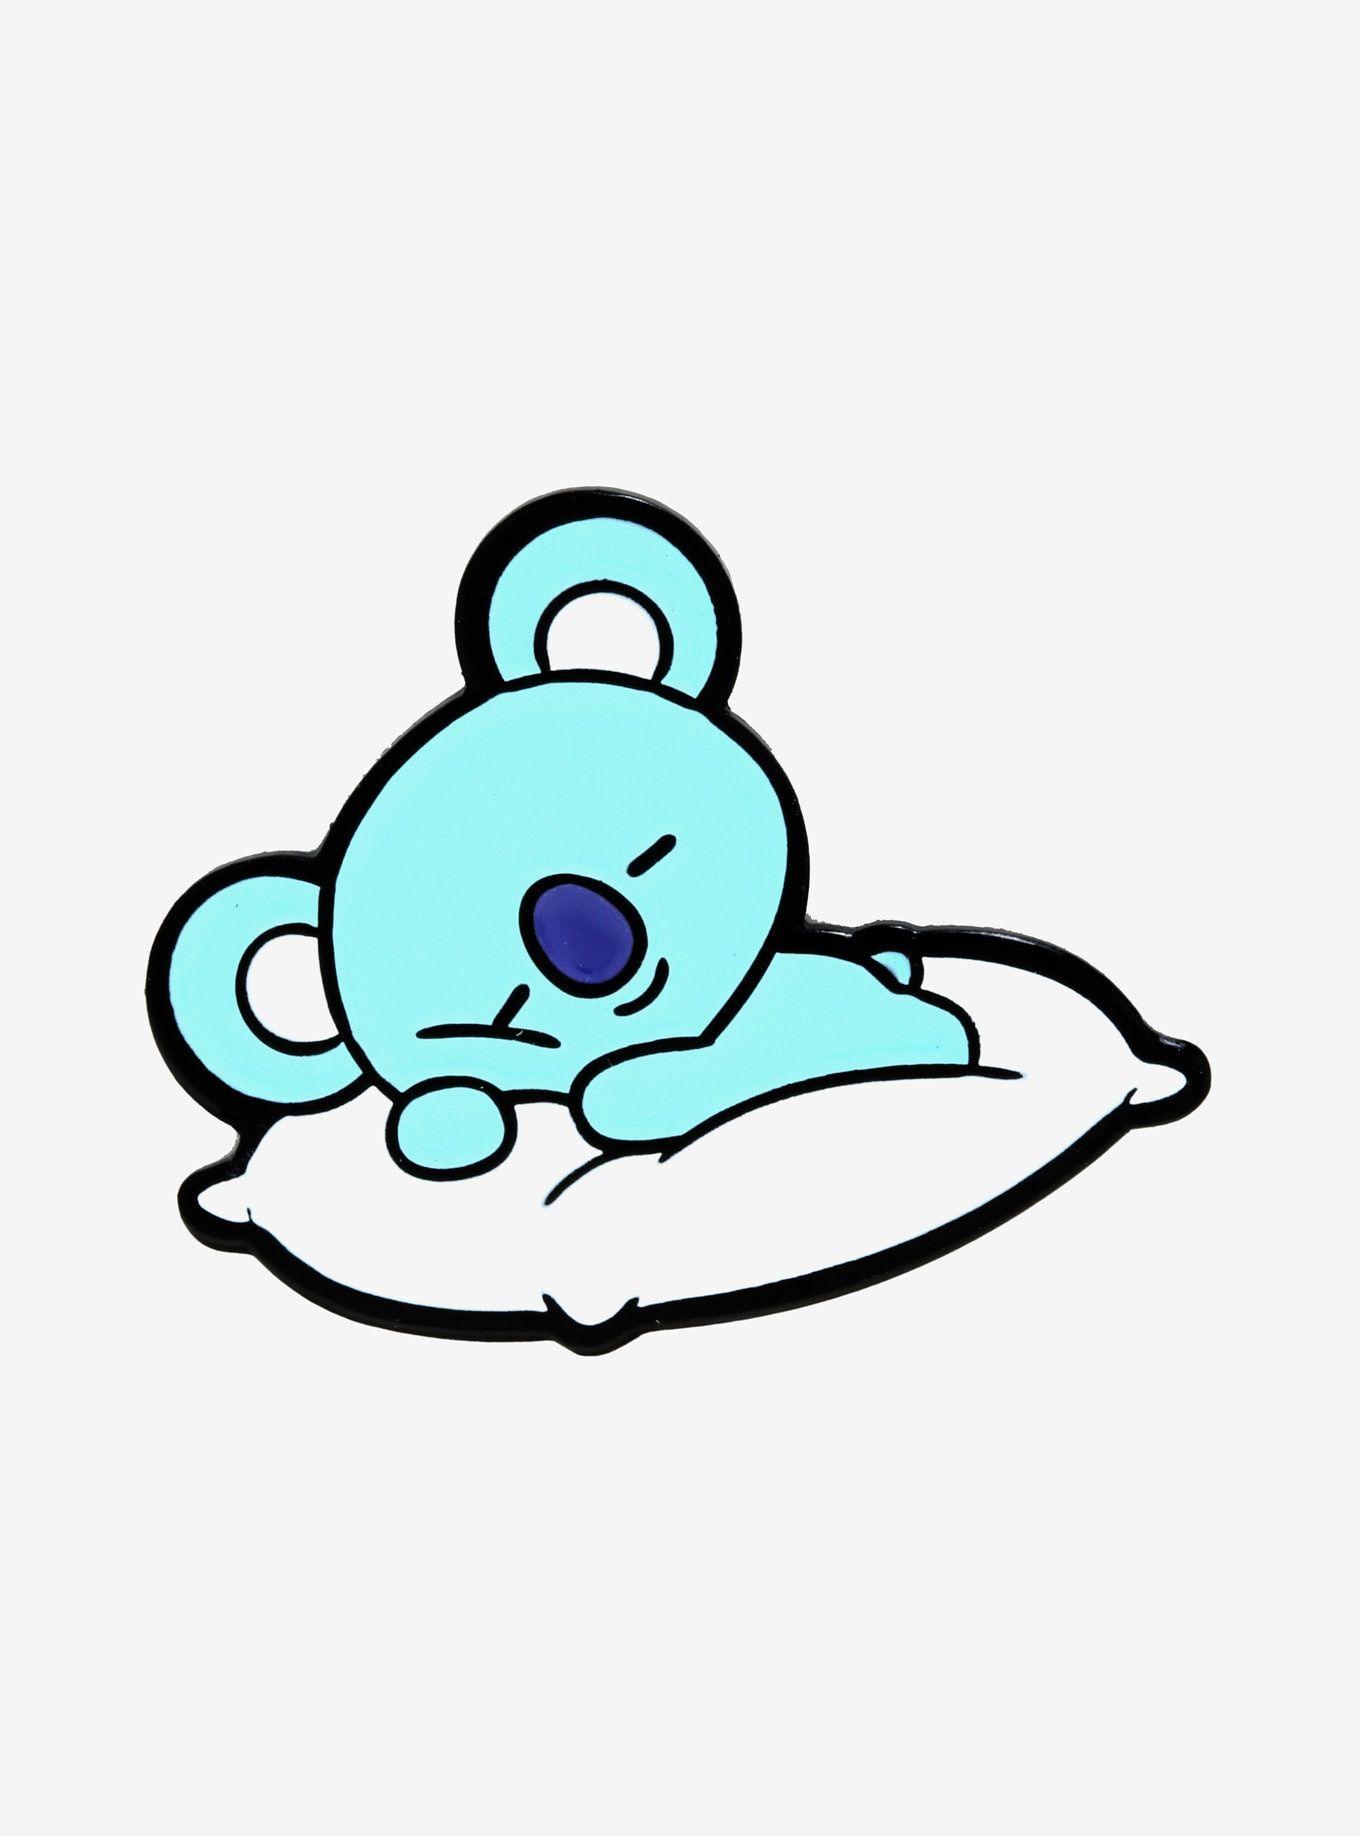 Bt21 Koya Napping Enamel Pin Bts Drawings Cute Wallpapers Cute Cartoon Drawings